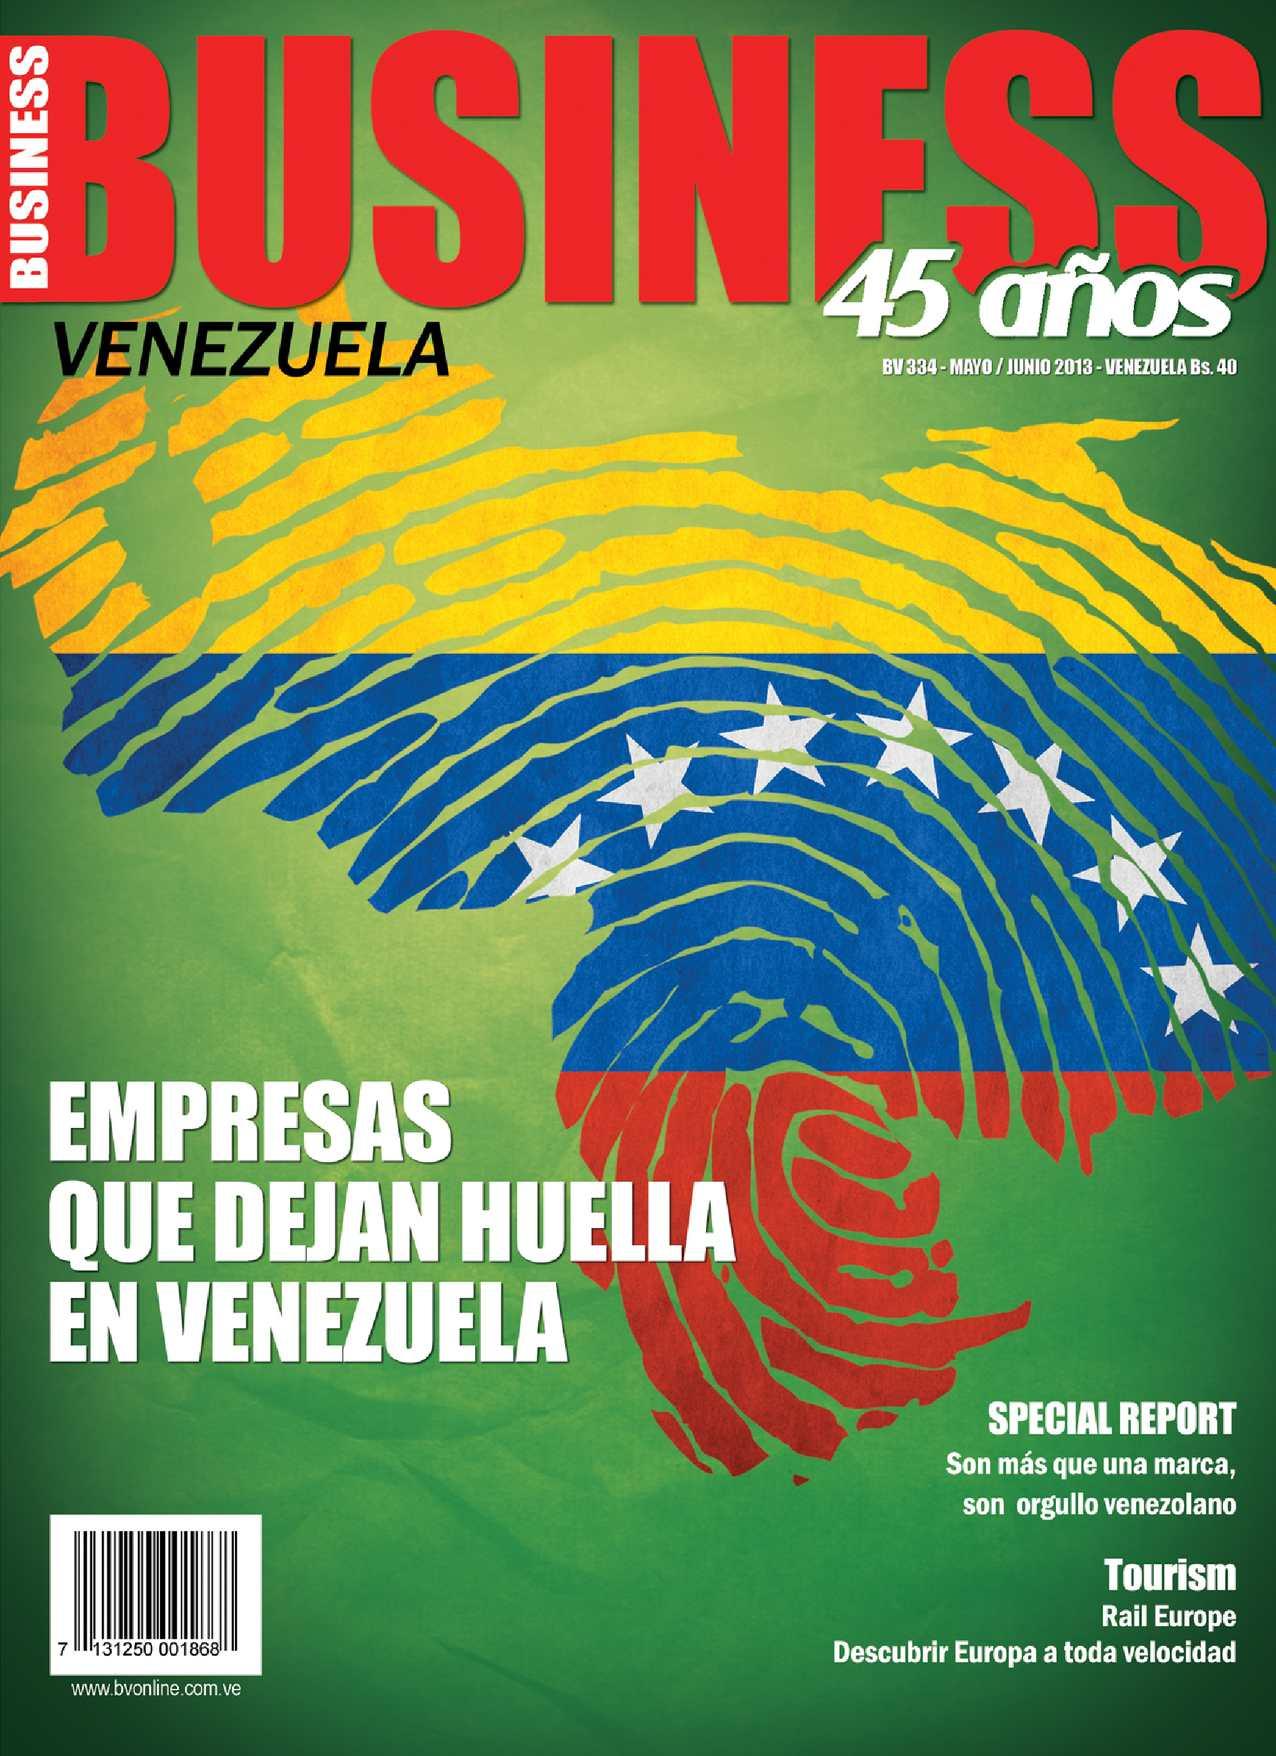 7e5f70c5bf2a Calaméo - Business Venezuela. Edición 334